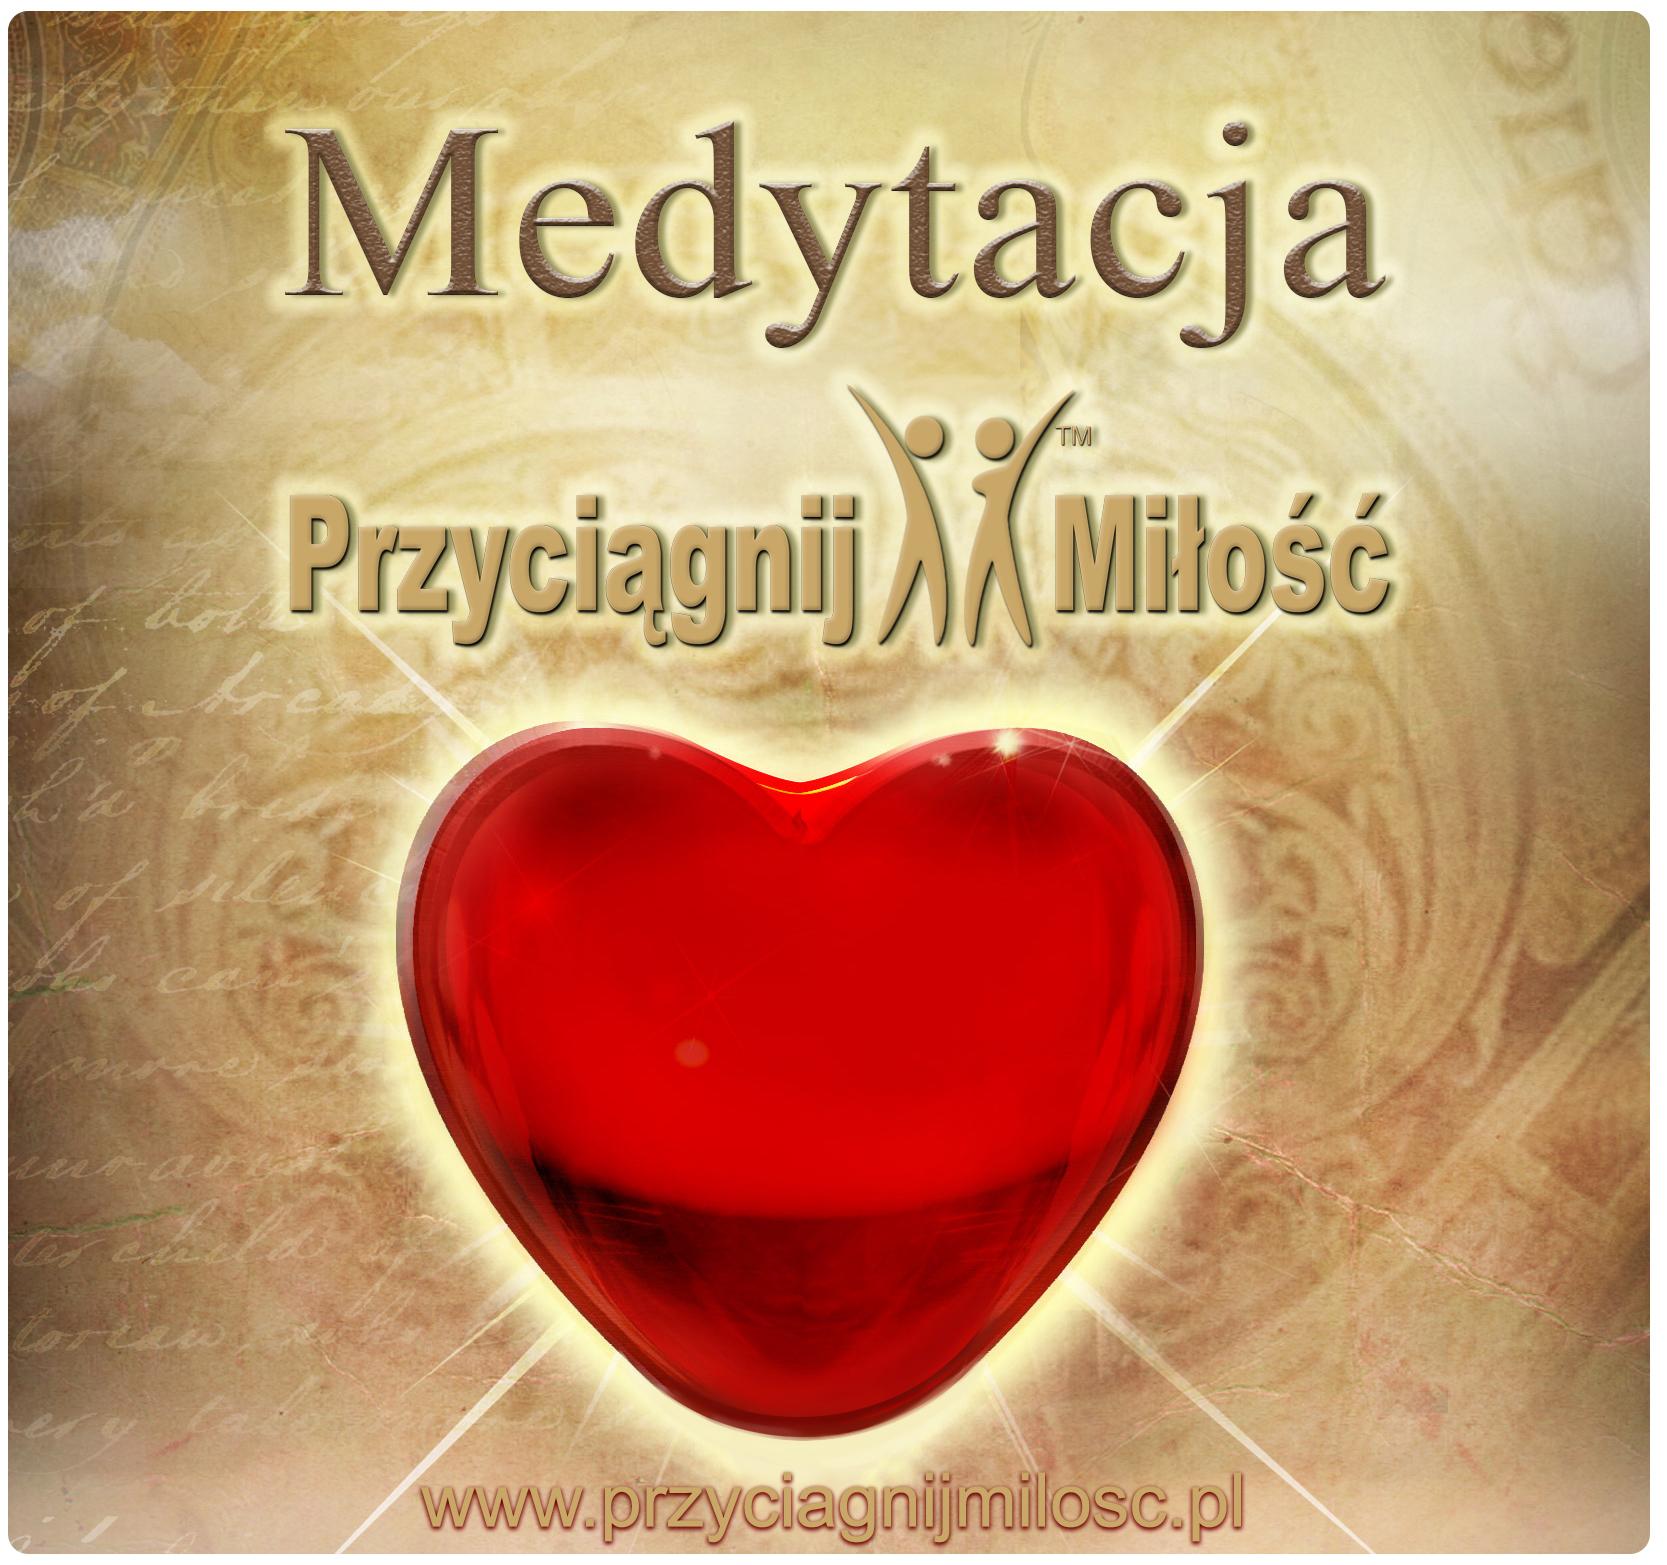 medytacja-milosc-przyciagnij-milosc-agnieszka-przybysz